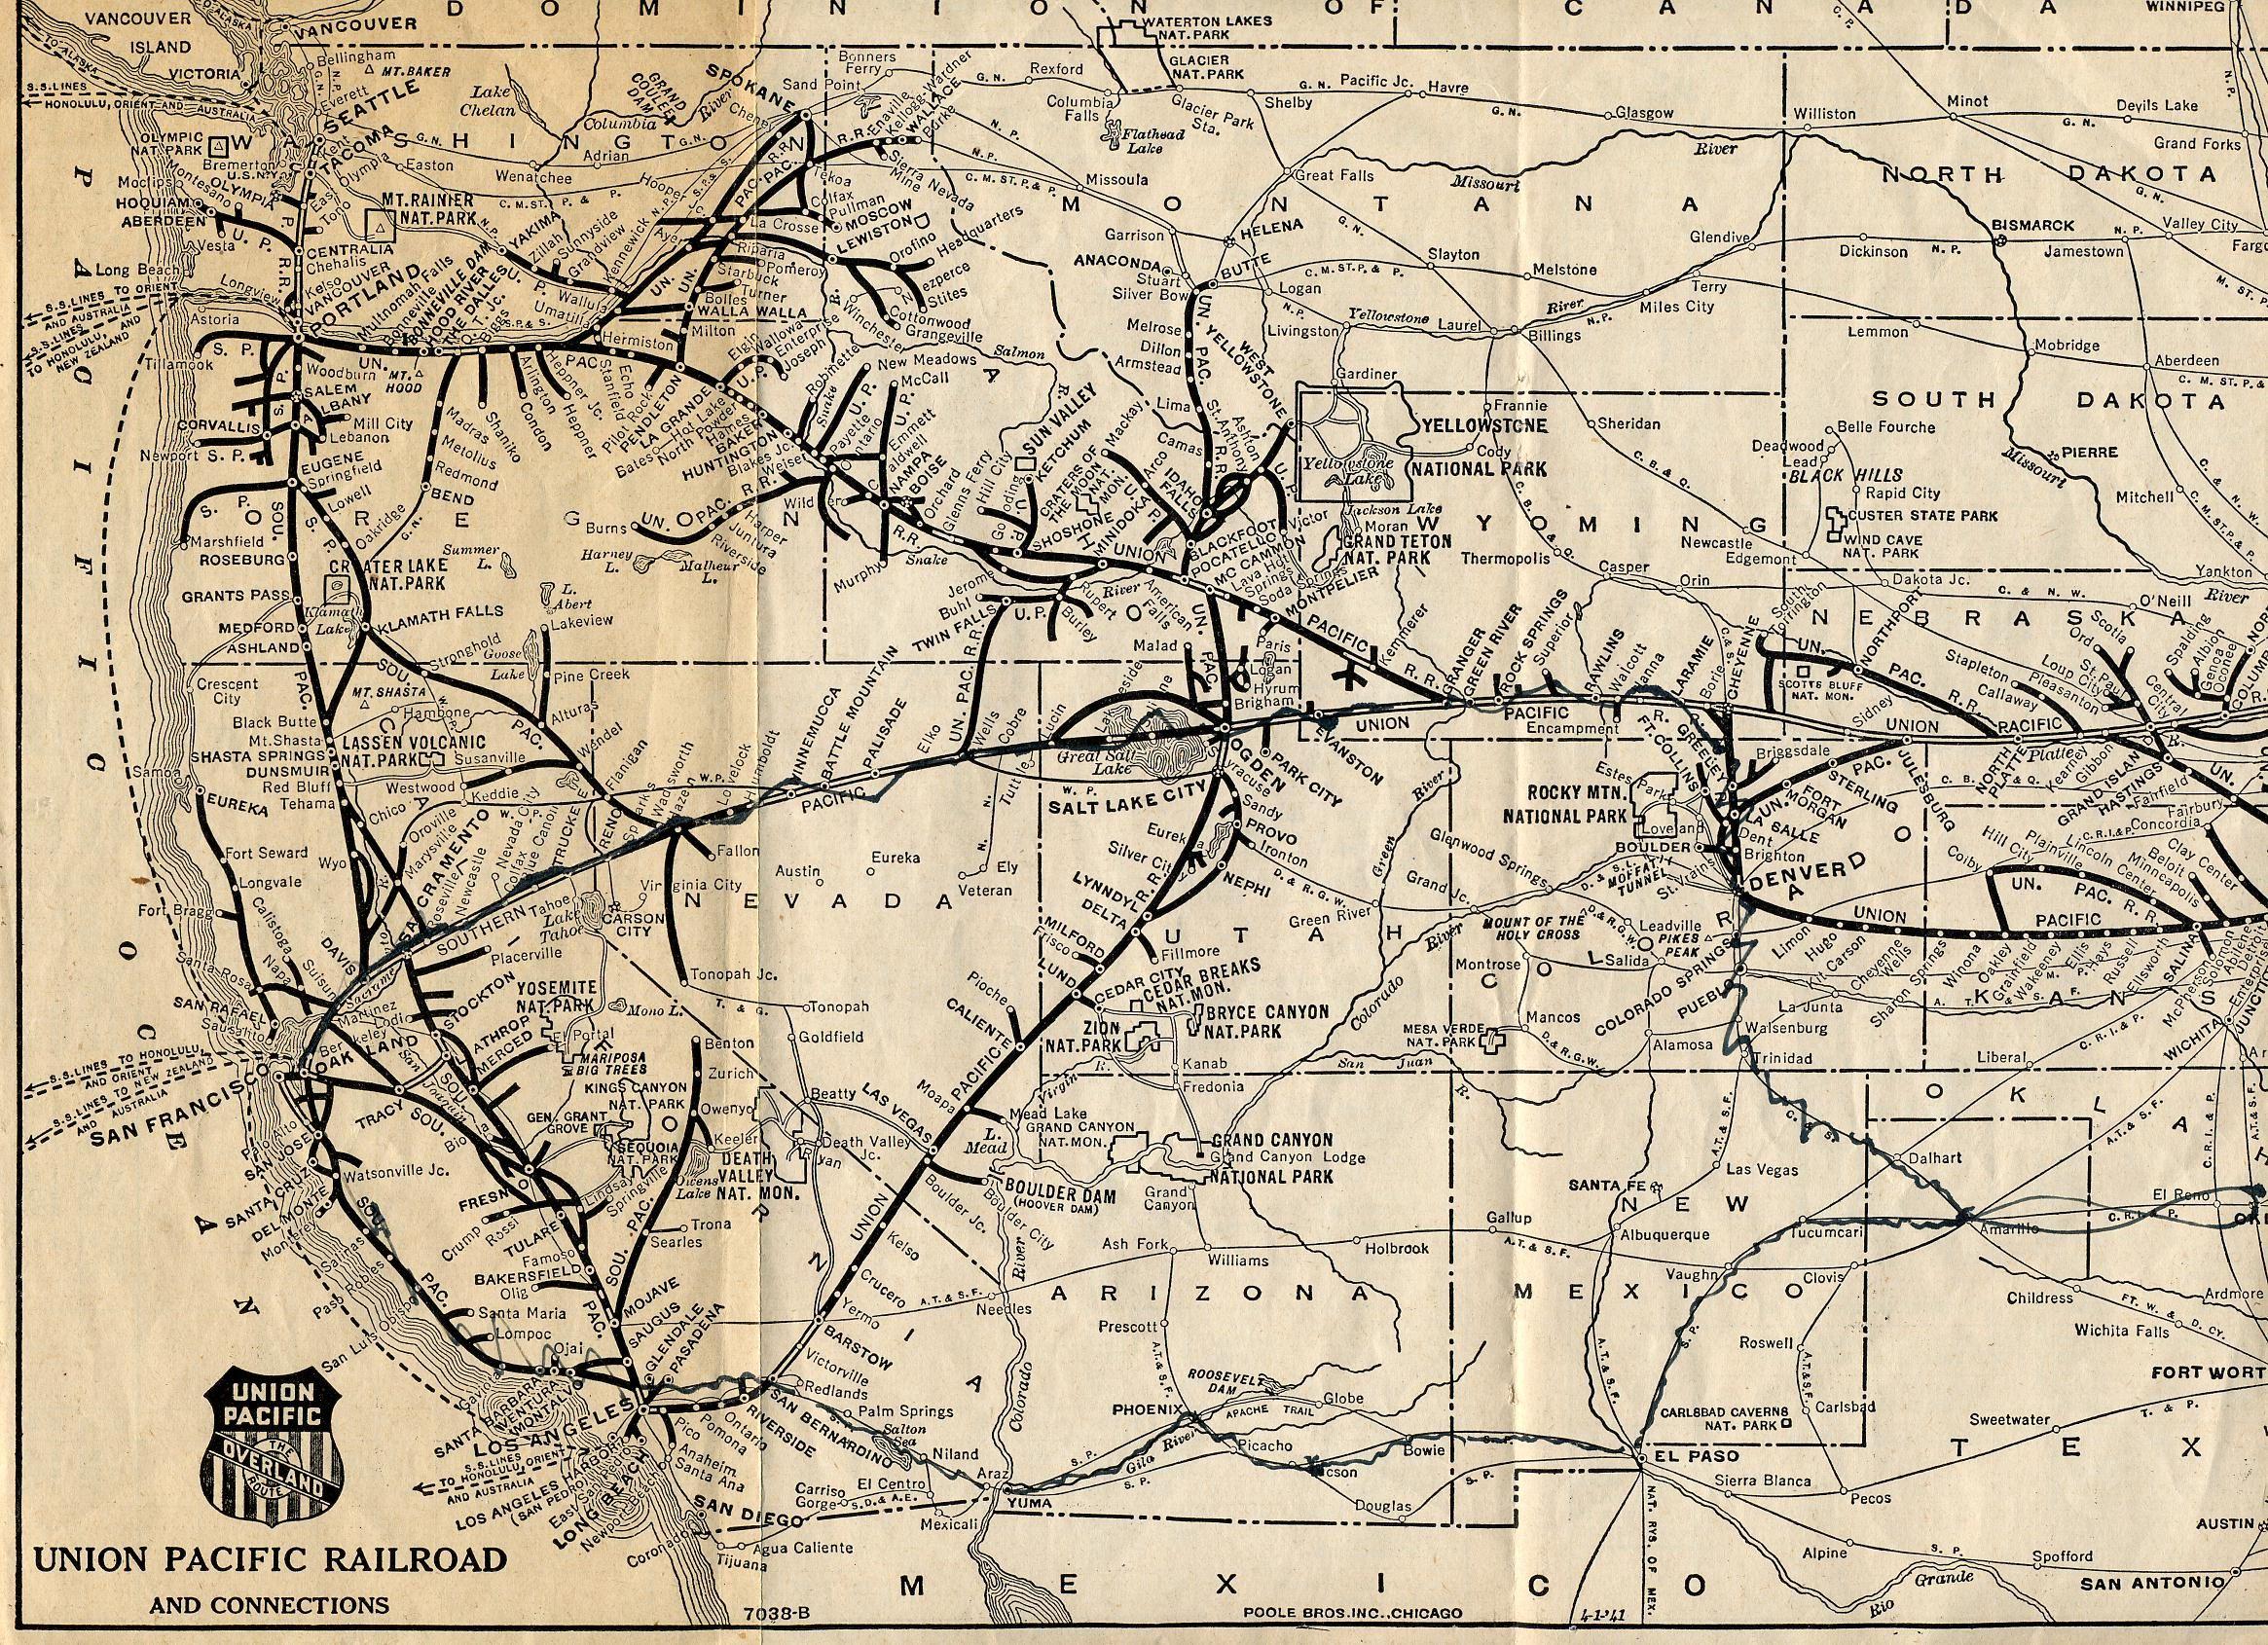 Union Pacific Railroad History Map pacific union trains | 1925 Union Pacific Railroad Map Part 1 See